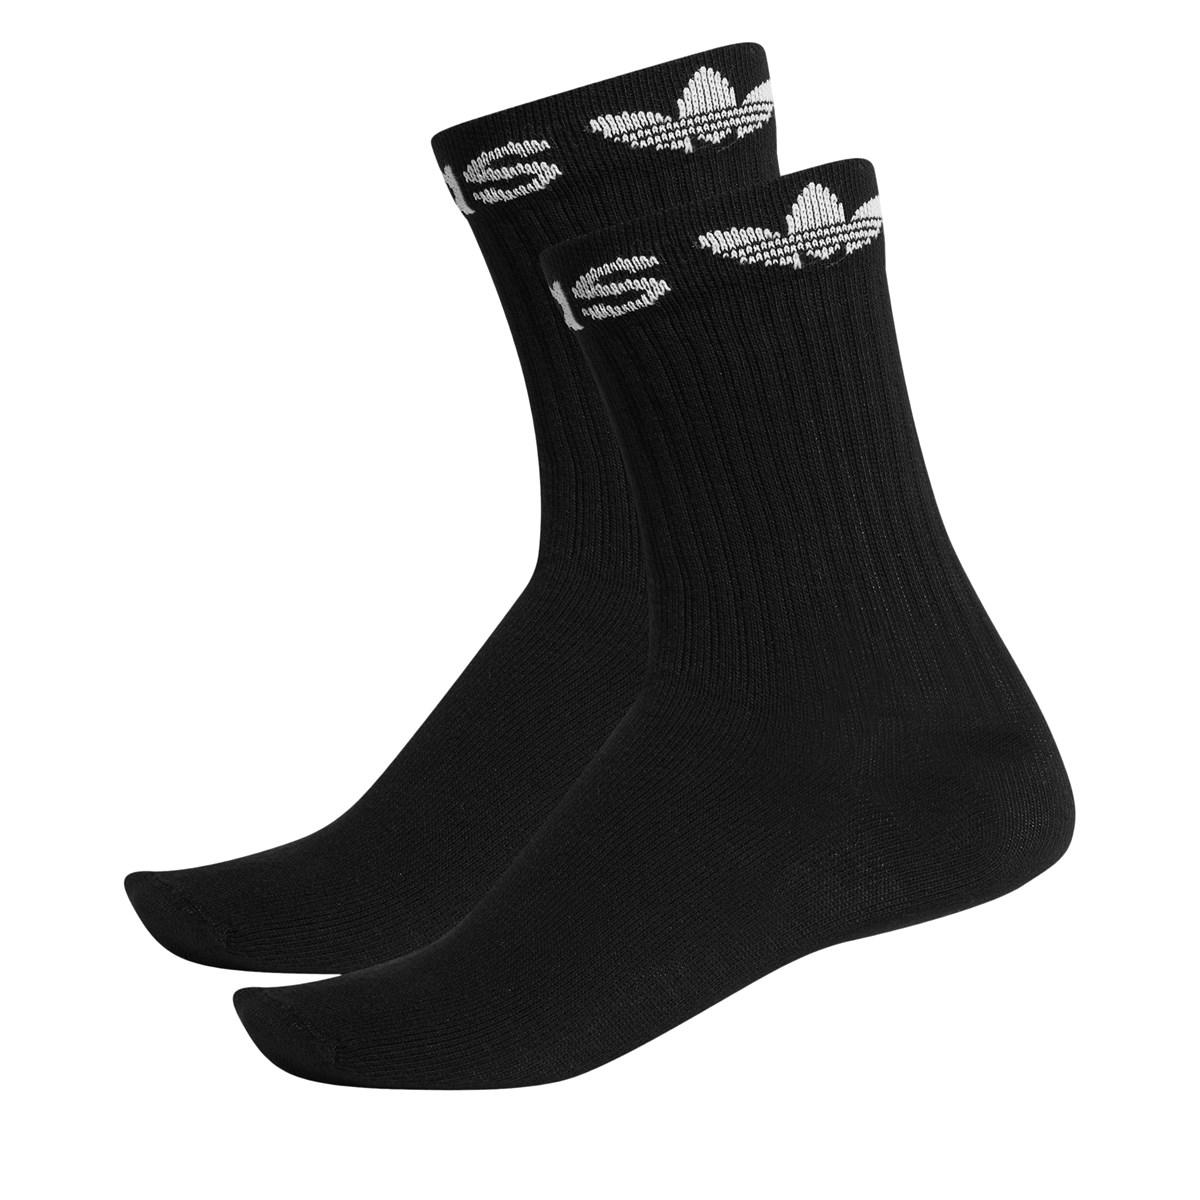 2 Pair Pack of Line Crew Socks in Black